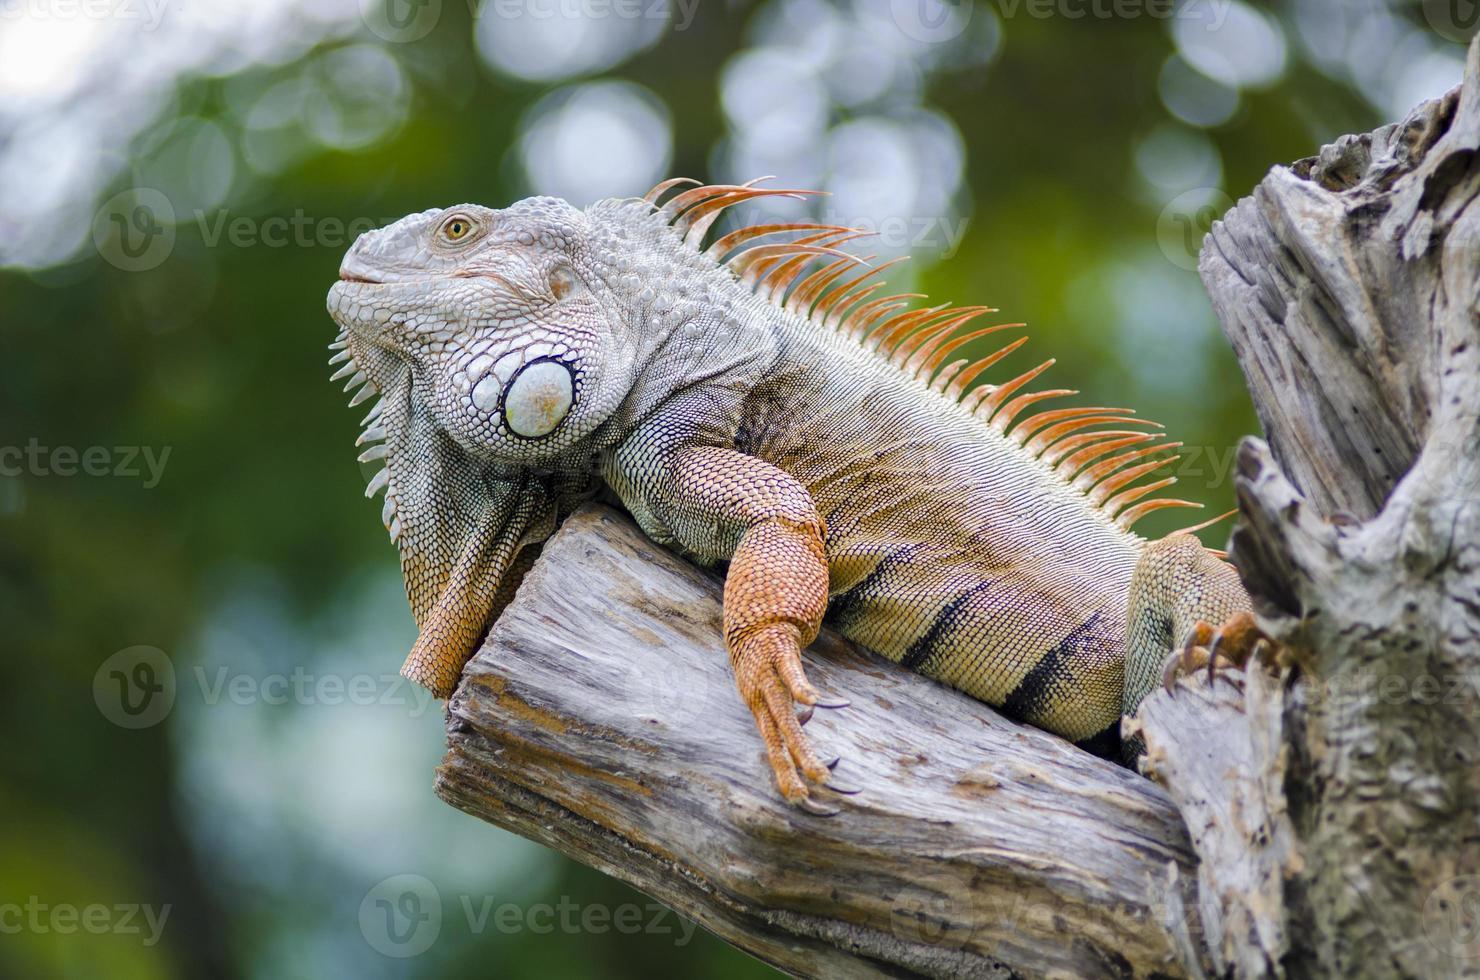 Iguana photo